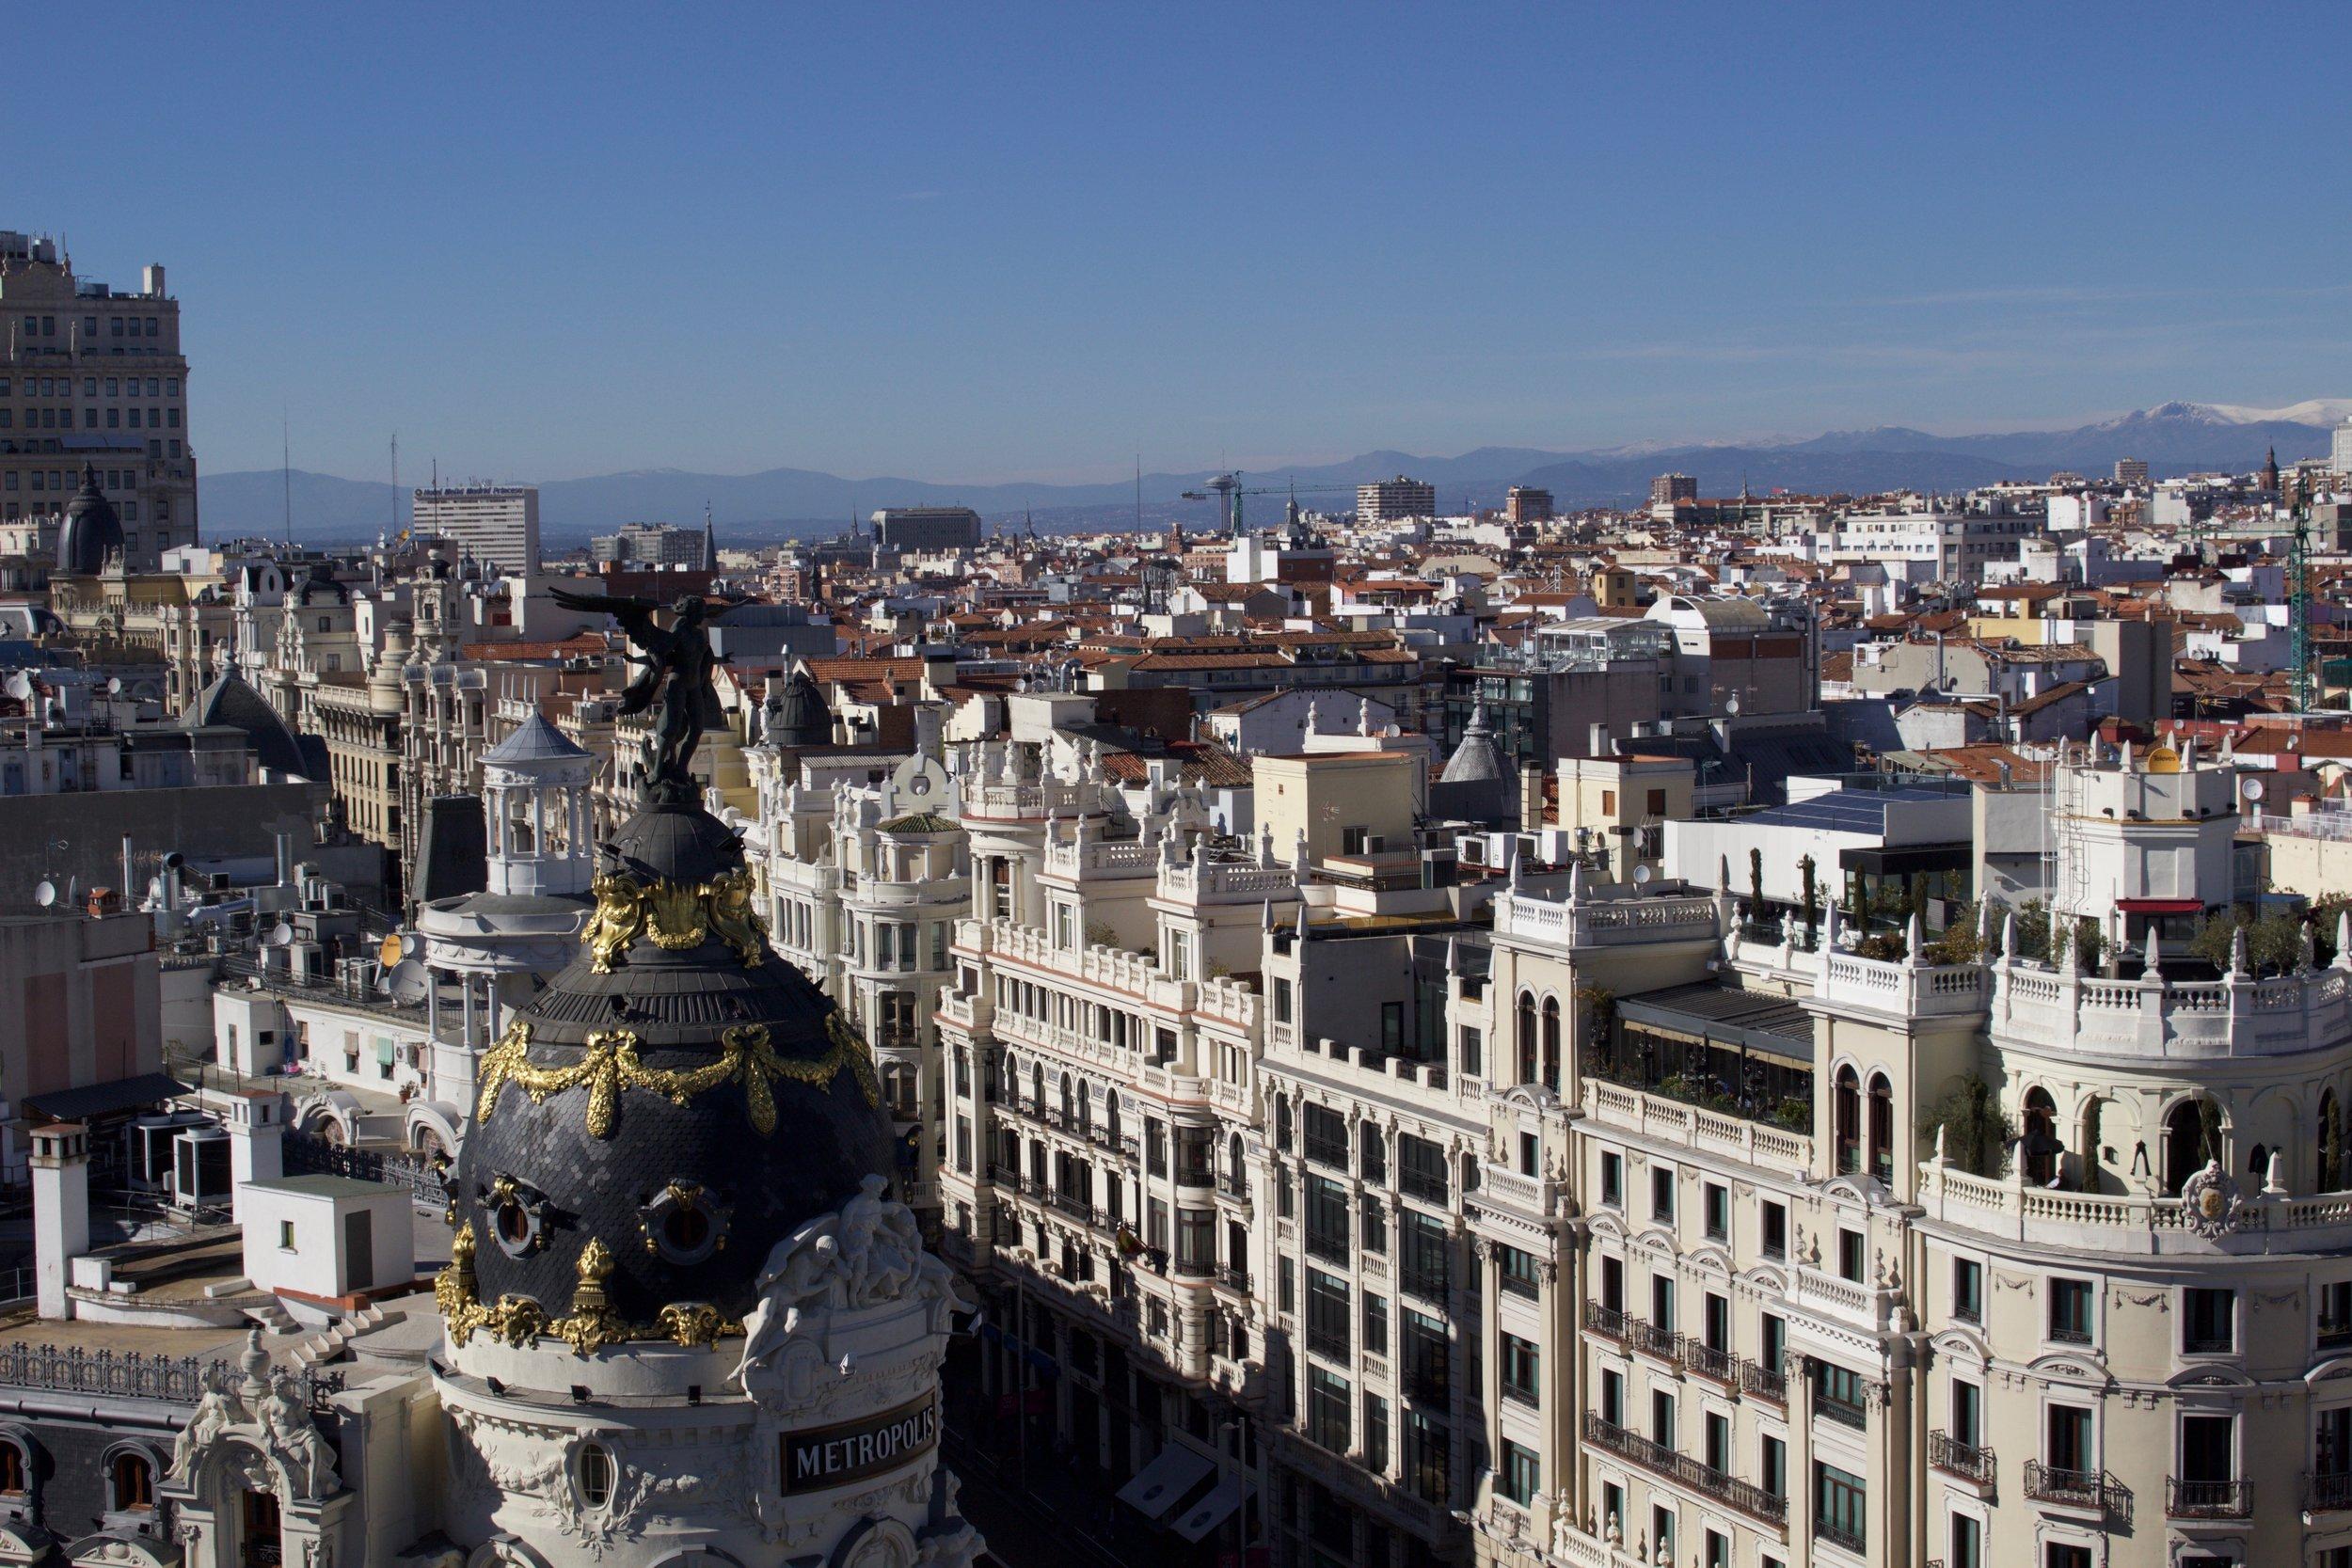 Belles Artes Madrid